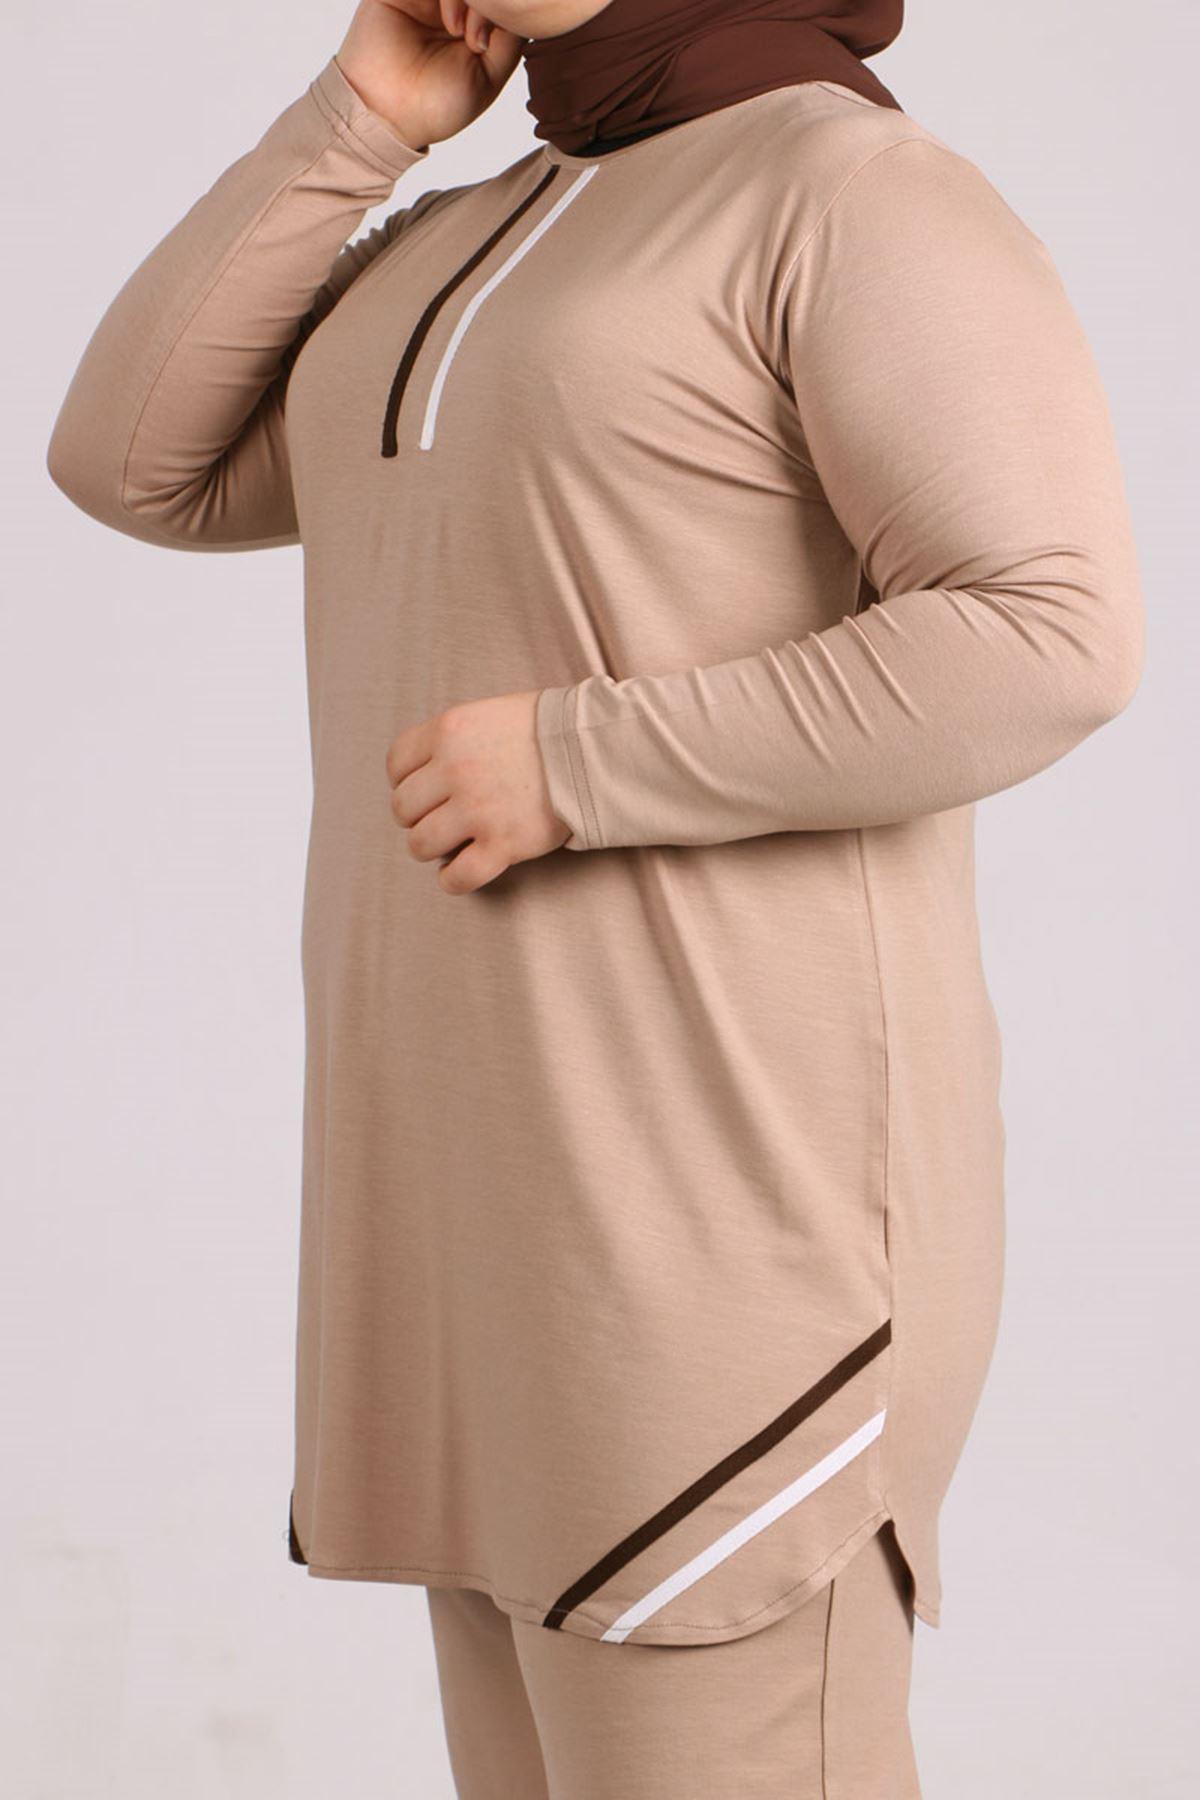 7700 Büyük Beden Penye Şeritli Pantolonlu Takım - Taş